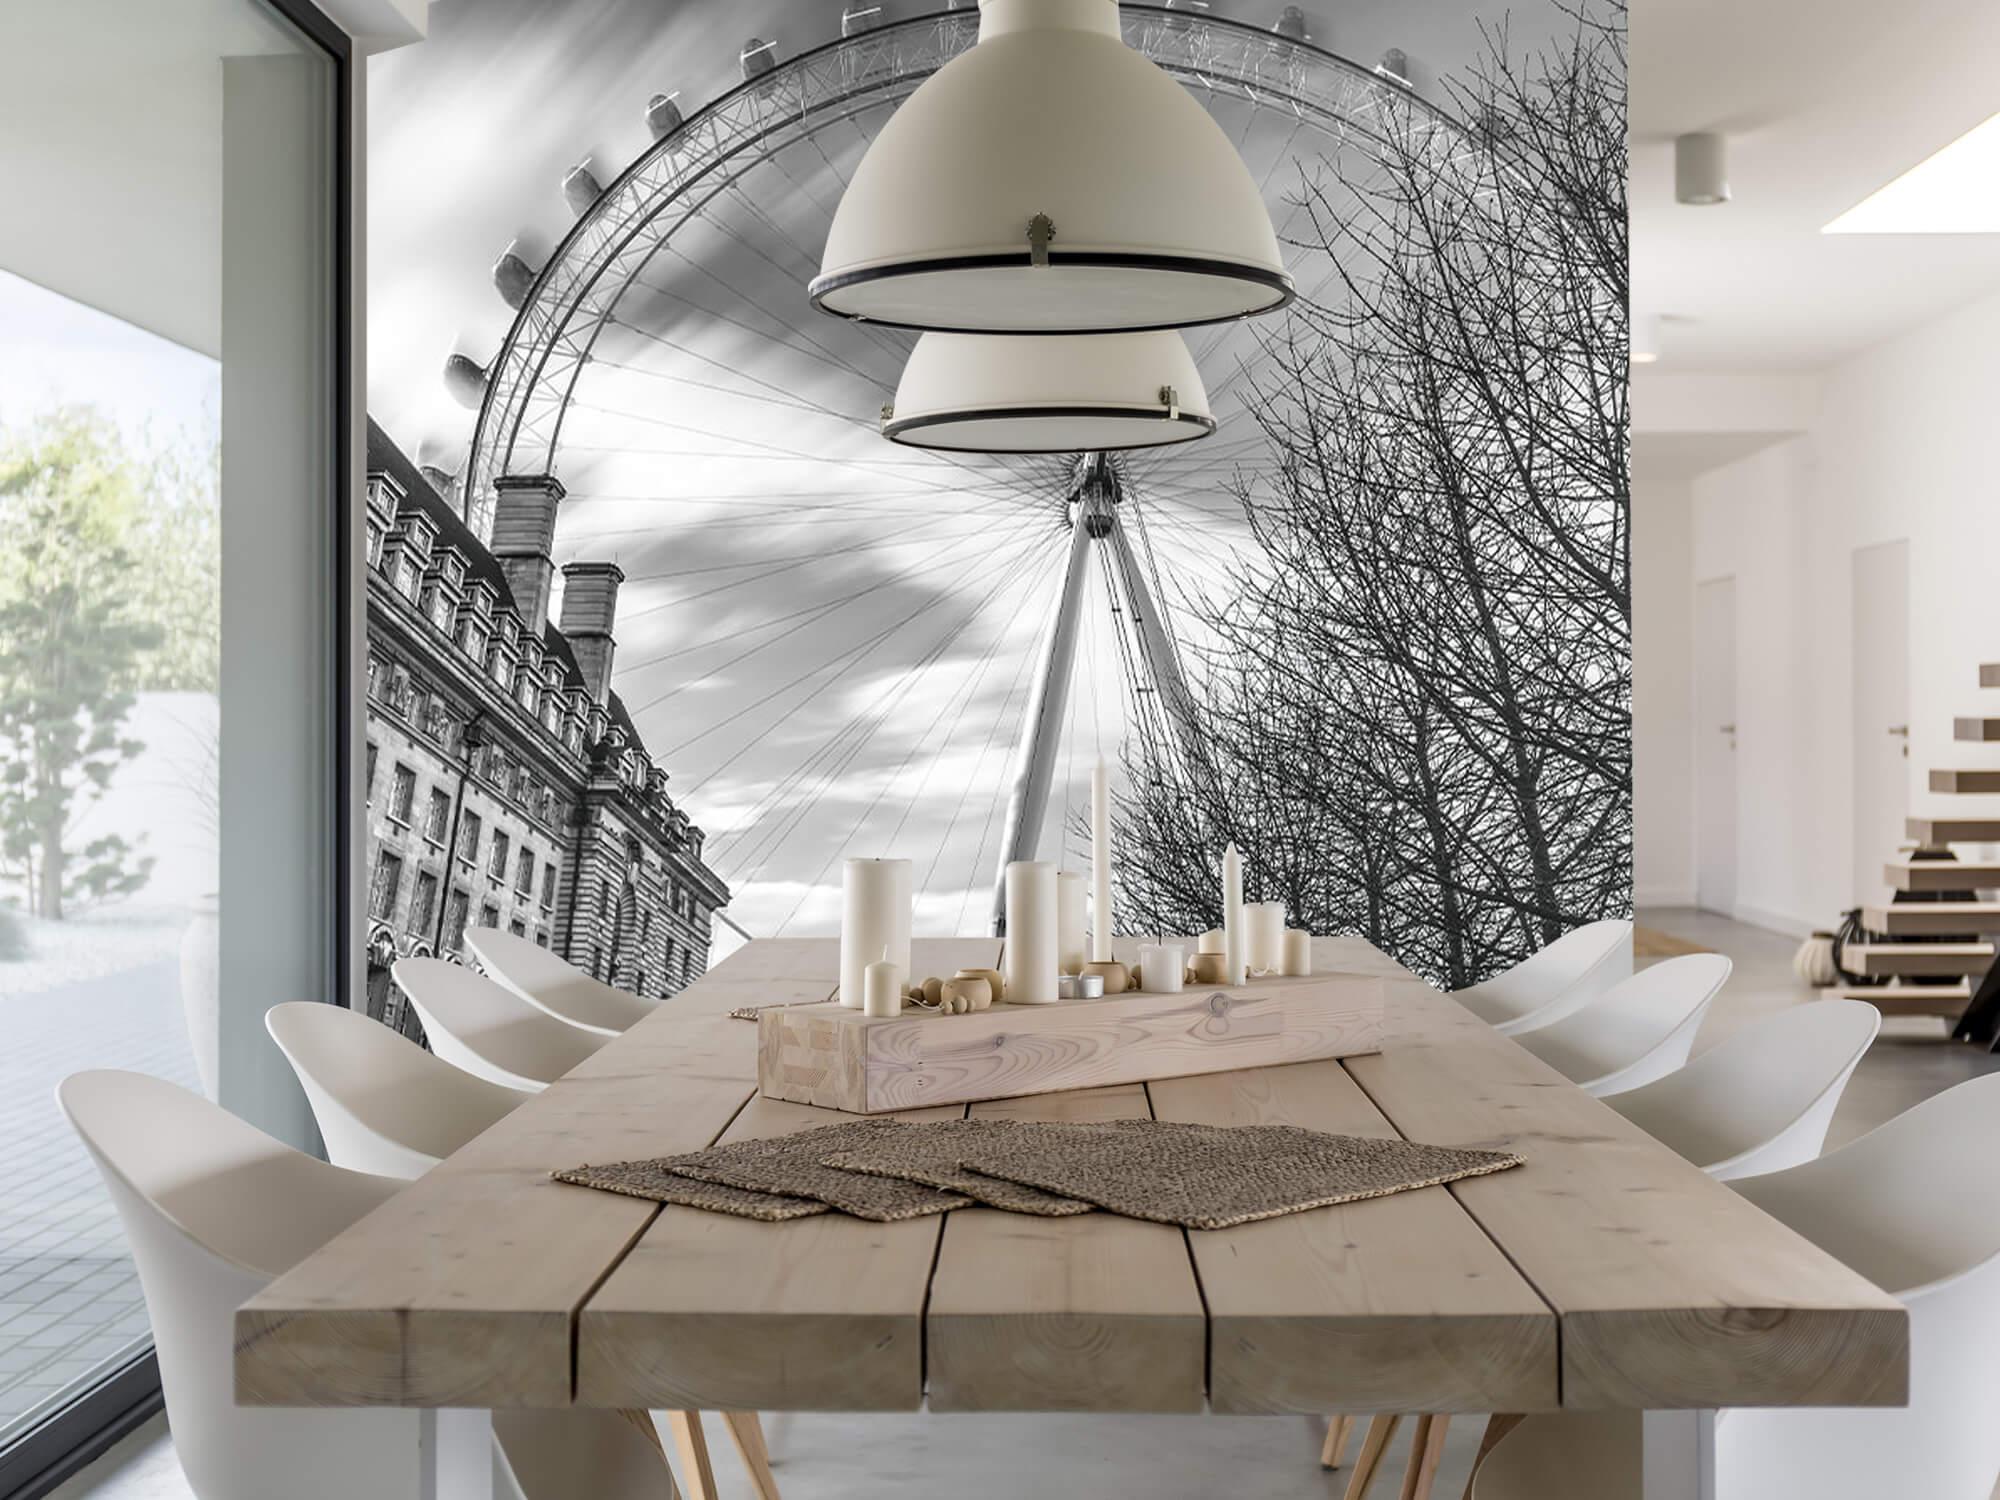 Ferris wheel in London 1